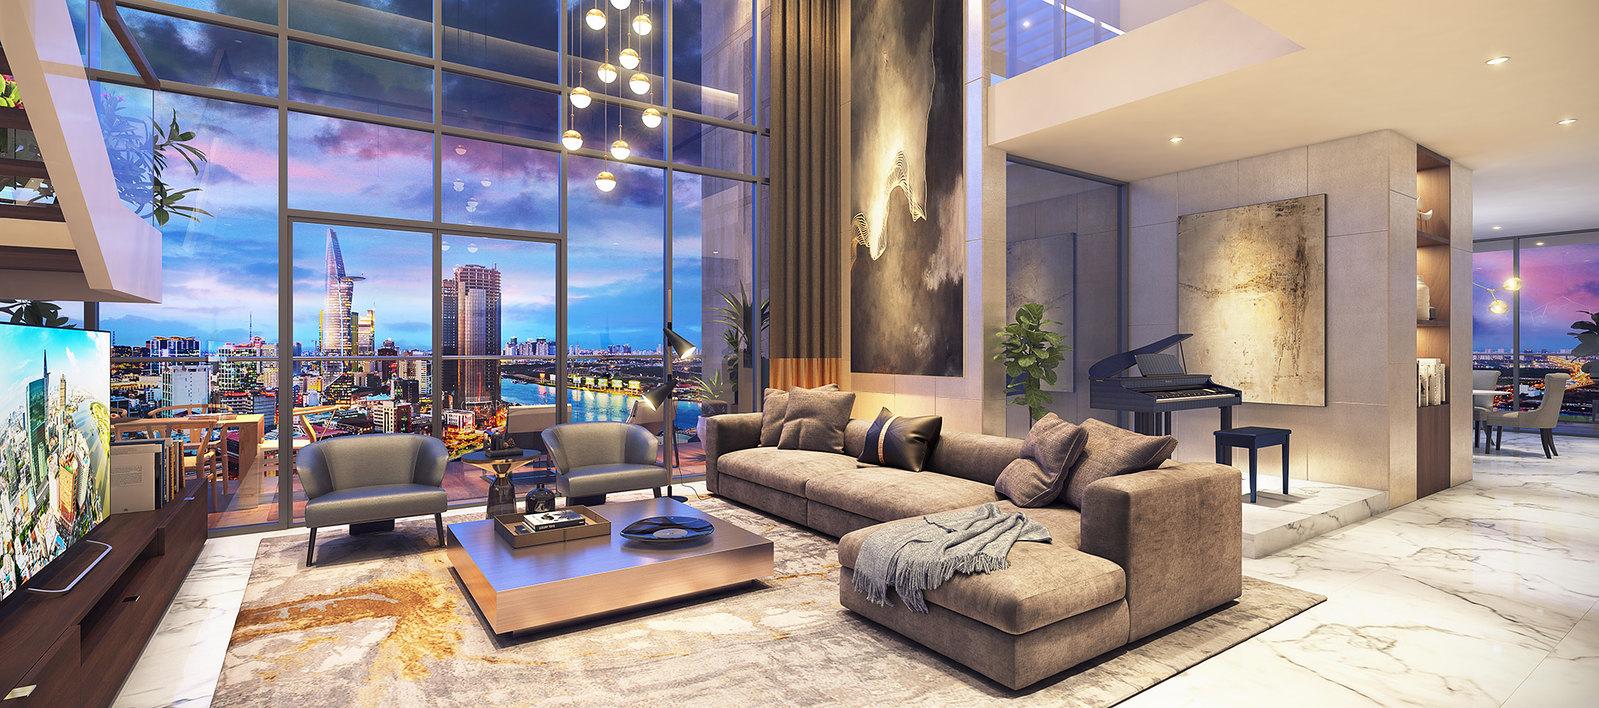 Trong vài phút cư dân Masteri Millennium q4 có thể tiếp cận hàng loạt tiện ích đẳng cấp tại trung tâm thành phố, ảnh phối cảnh penthouse, pentvilla Millennium.